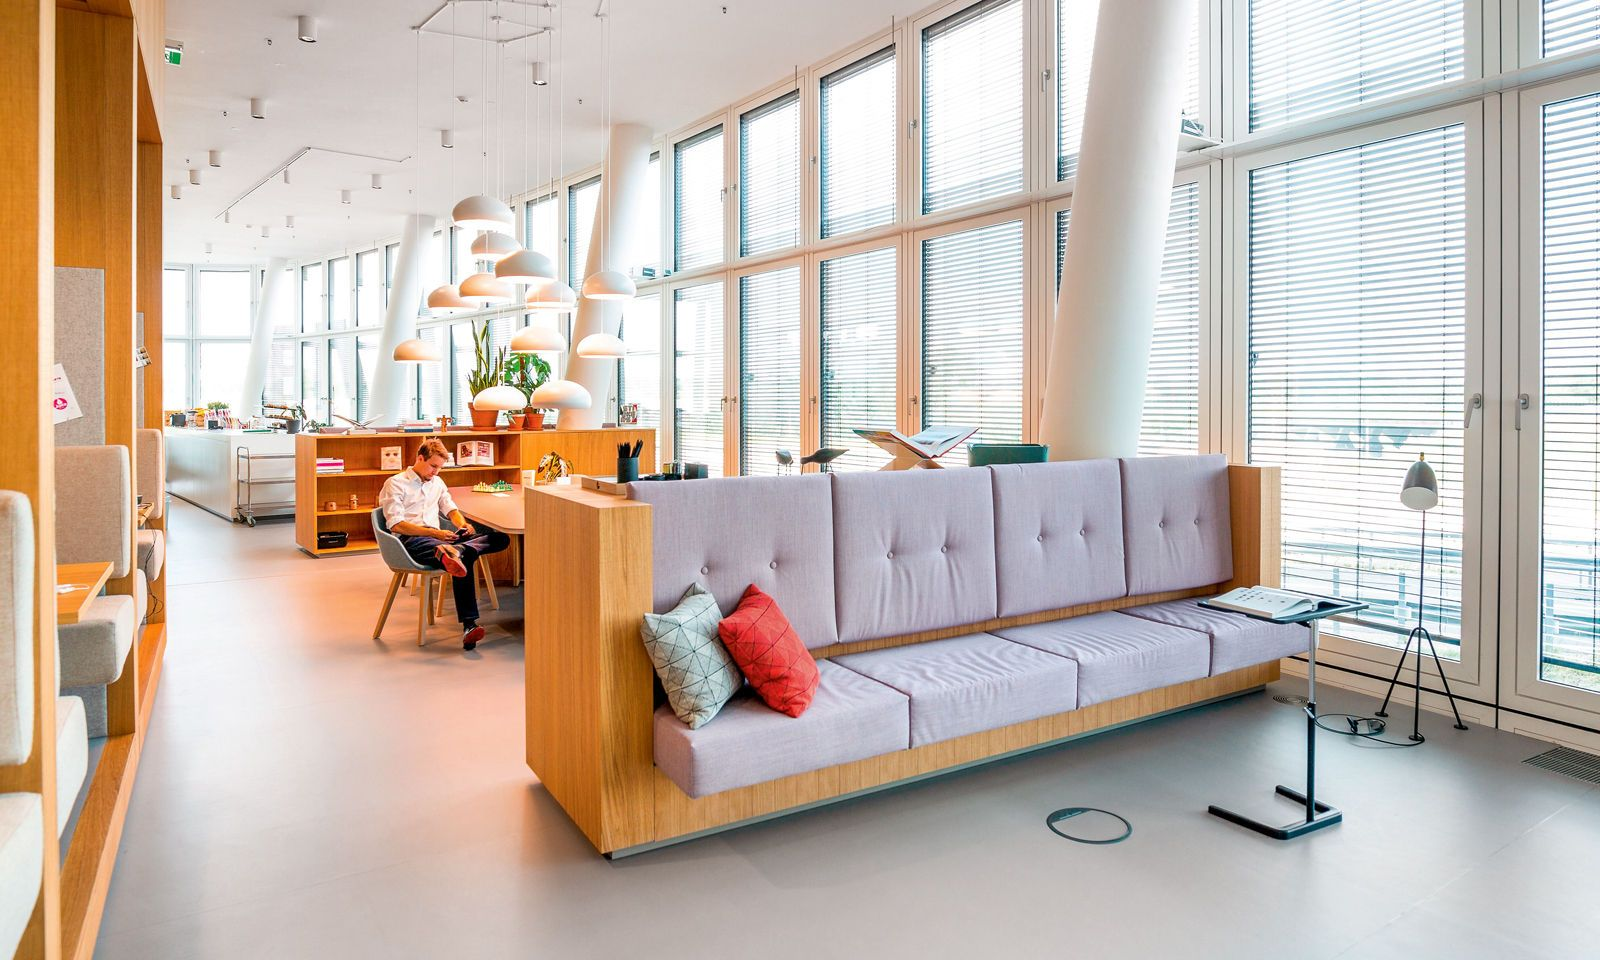 Gemütliche Ecke 1: Im Spaces Vienna Orbi Tower laden Rückzugsmöglichkeiten zum Entspannen oder Plaudern ein.